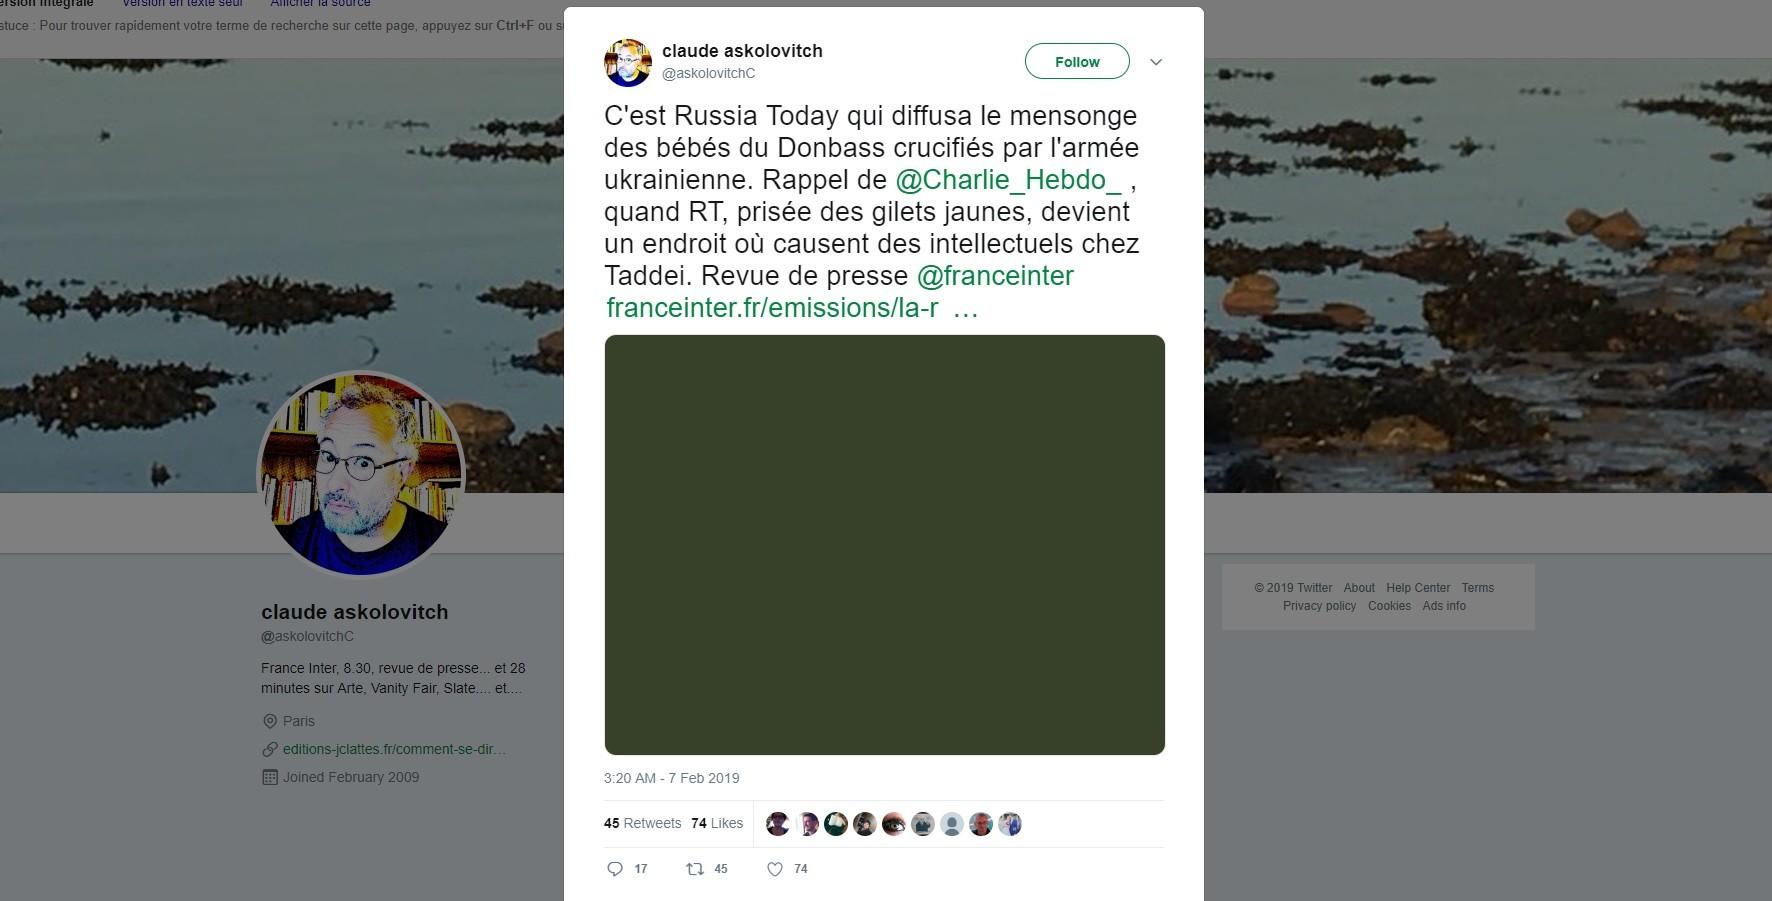 RT France «seul média audiovisuel honorable» : Askolovitch a-t-il déformé les propos de Lordon ?